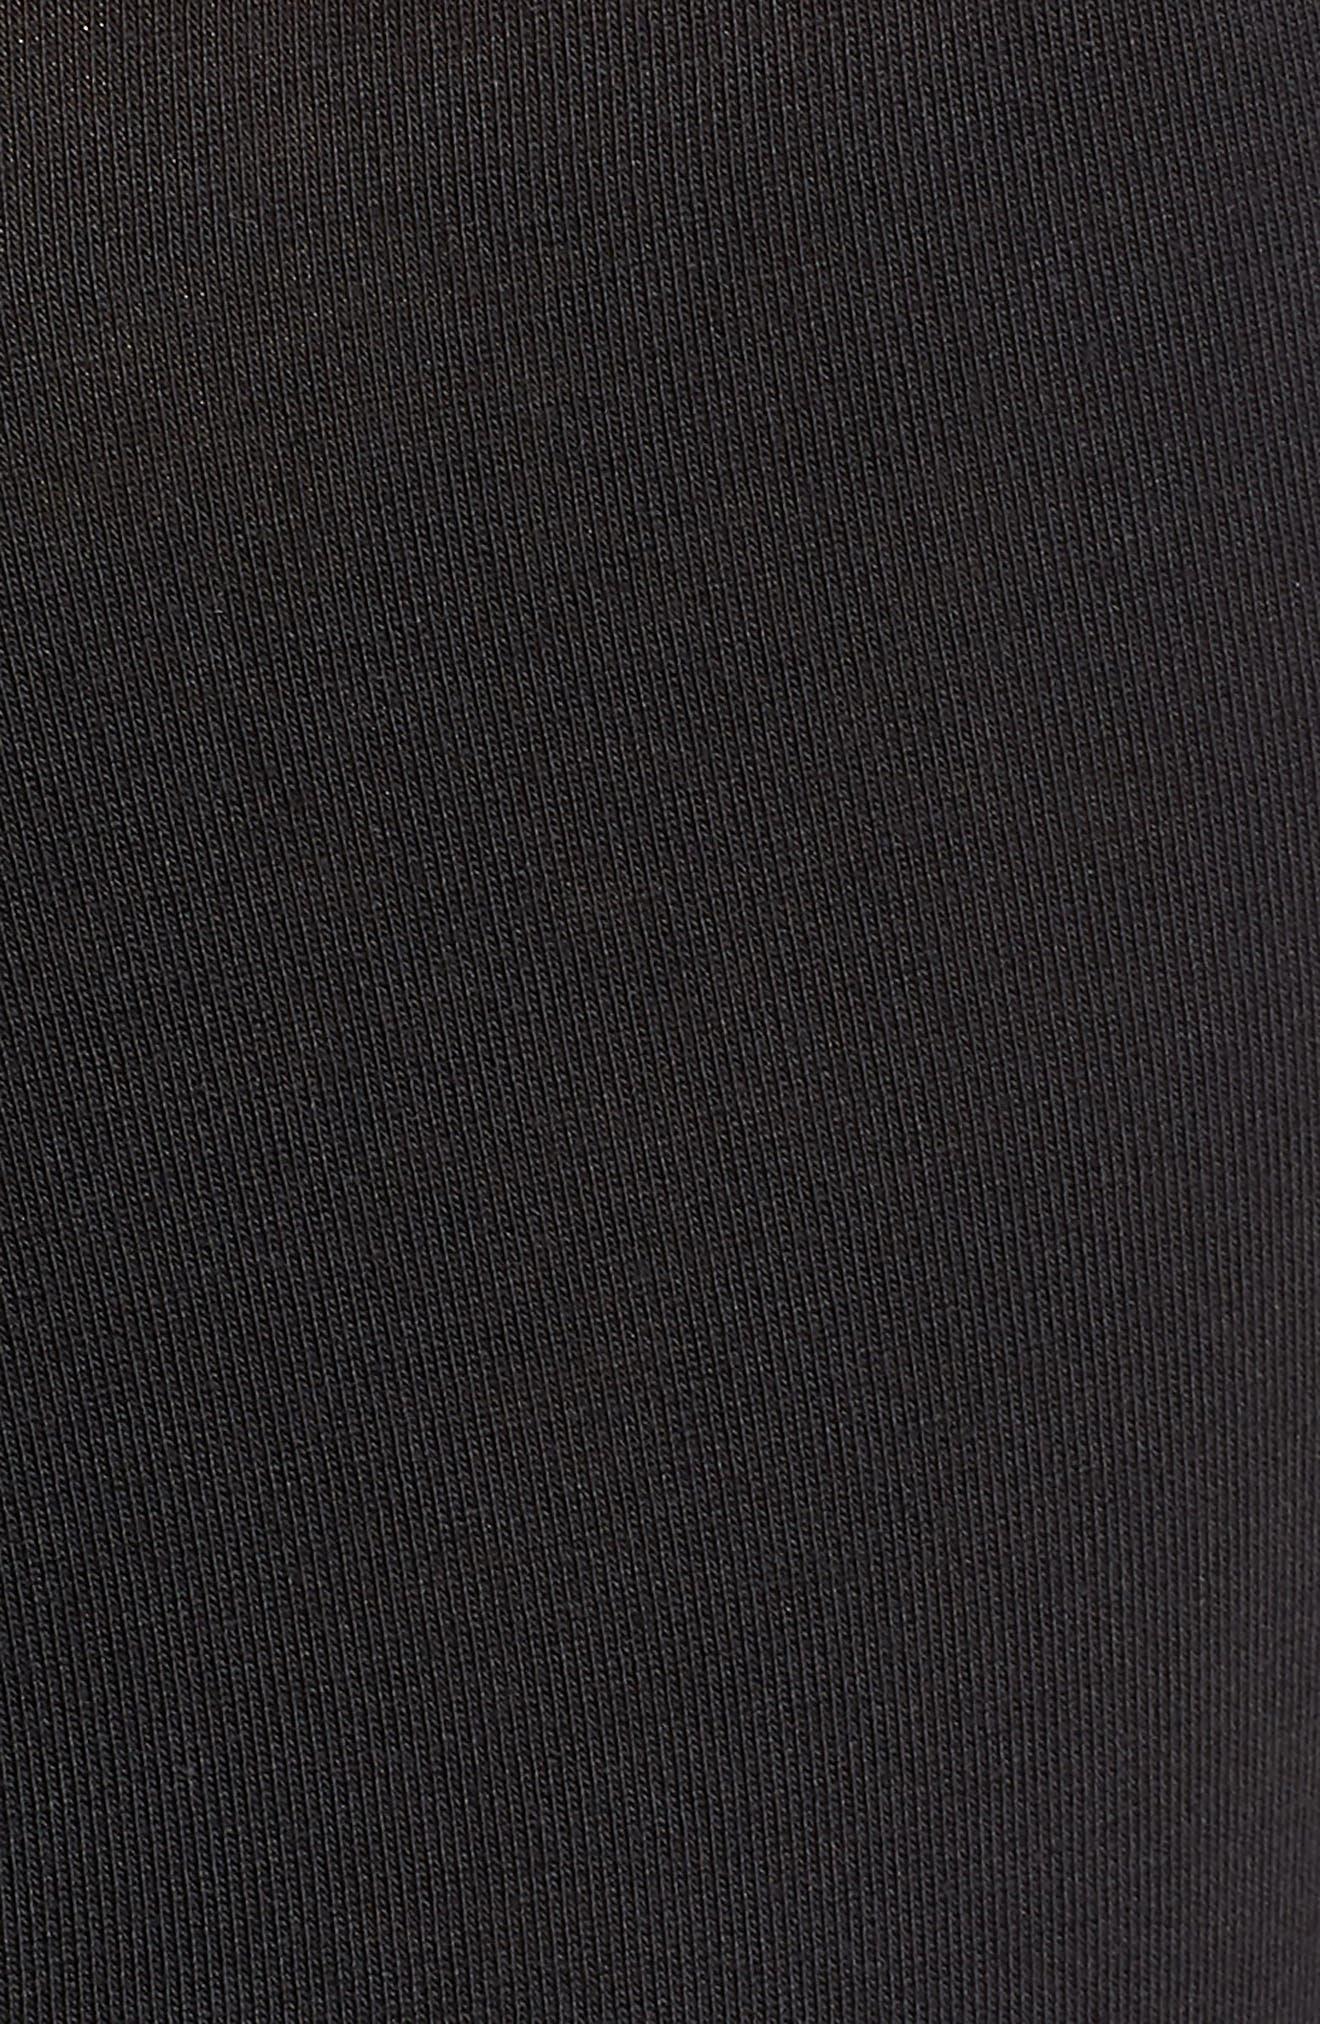 3-Pack Boxer Briefs,                             Alternate thumbnail 6, color,                             BLACK